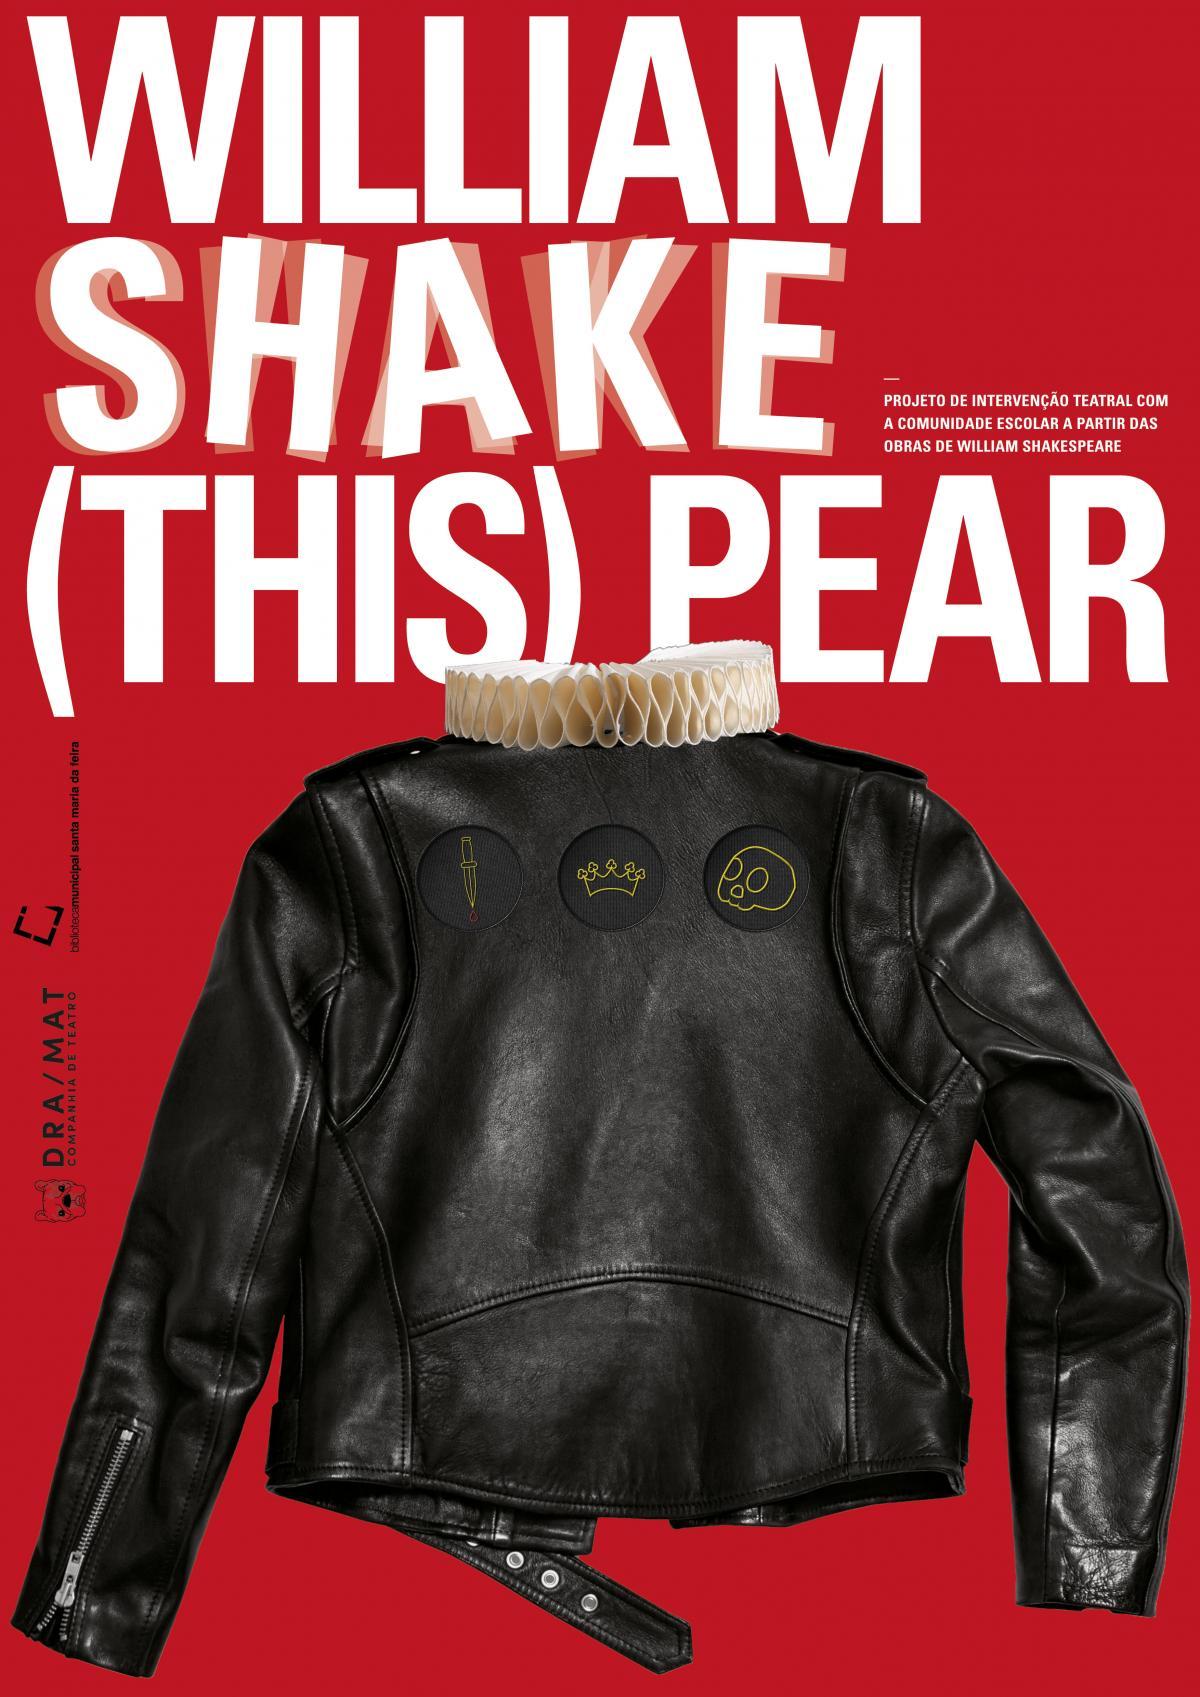 William Shake(this)pear - 24 e 25 de maio - Biblioteca Municipal - 21 horas